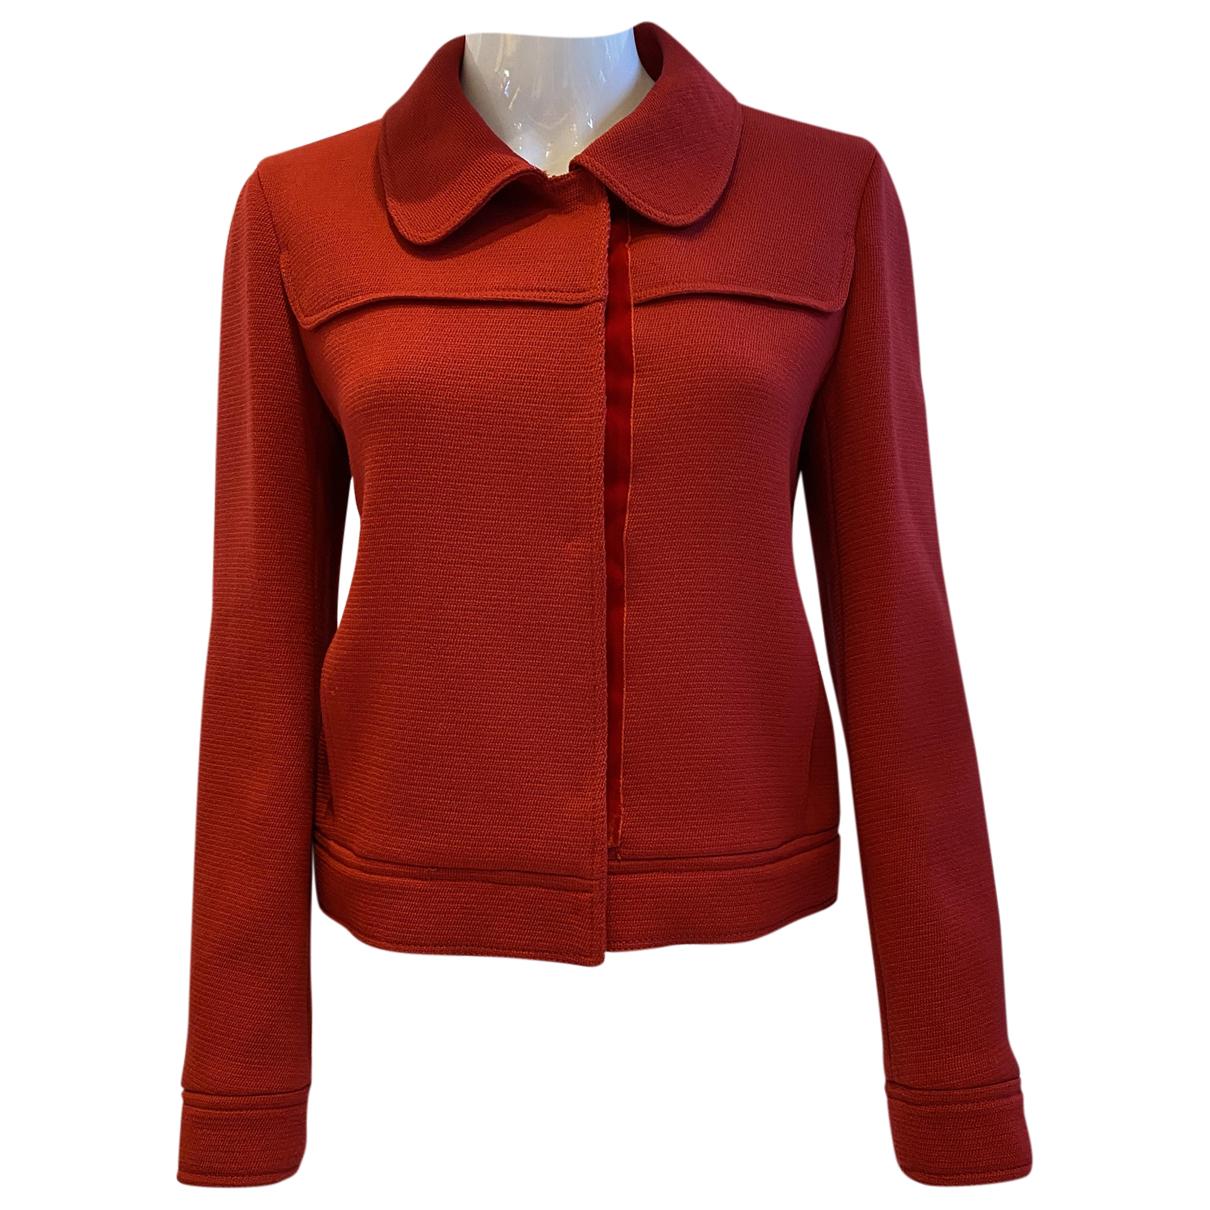 Prada \N Red Wool jacket for Women 44 IT